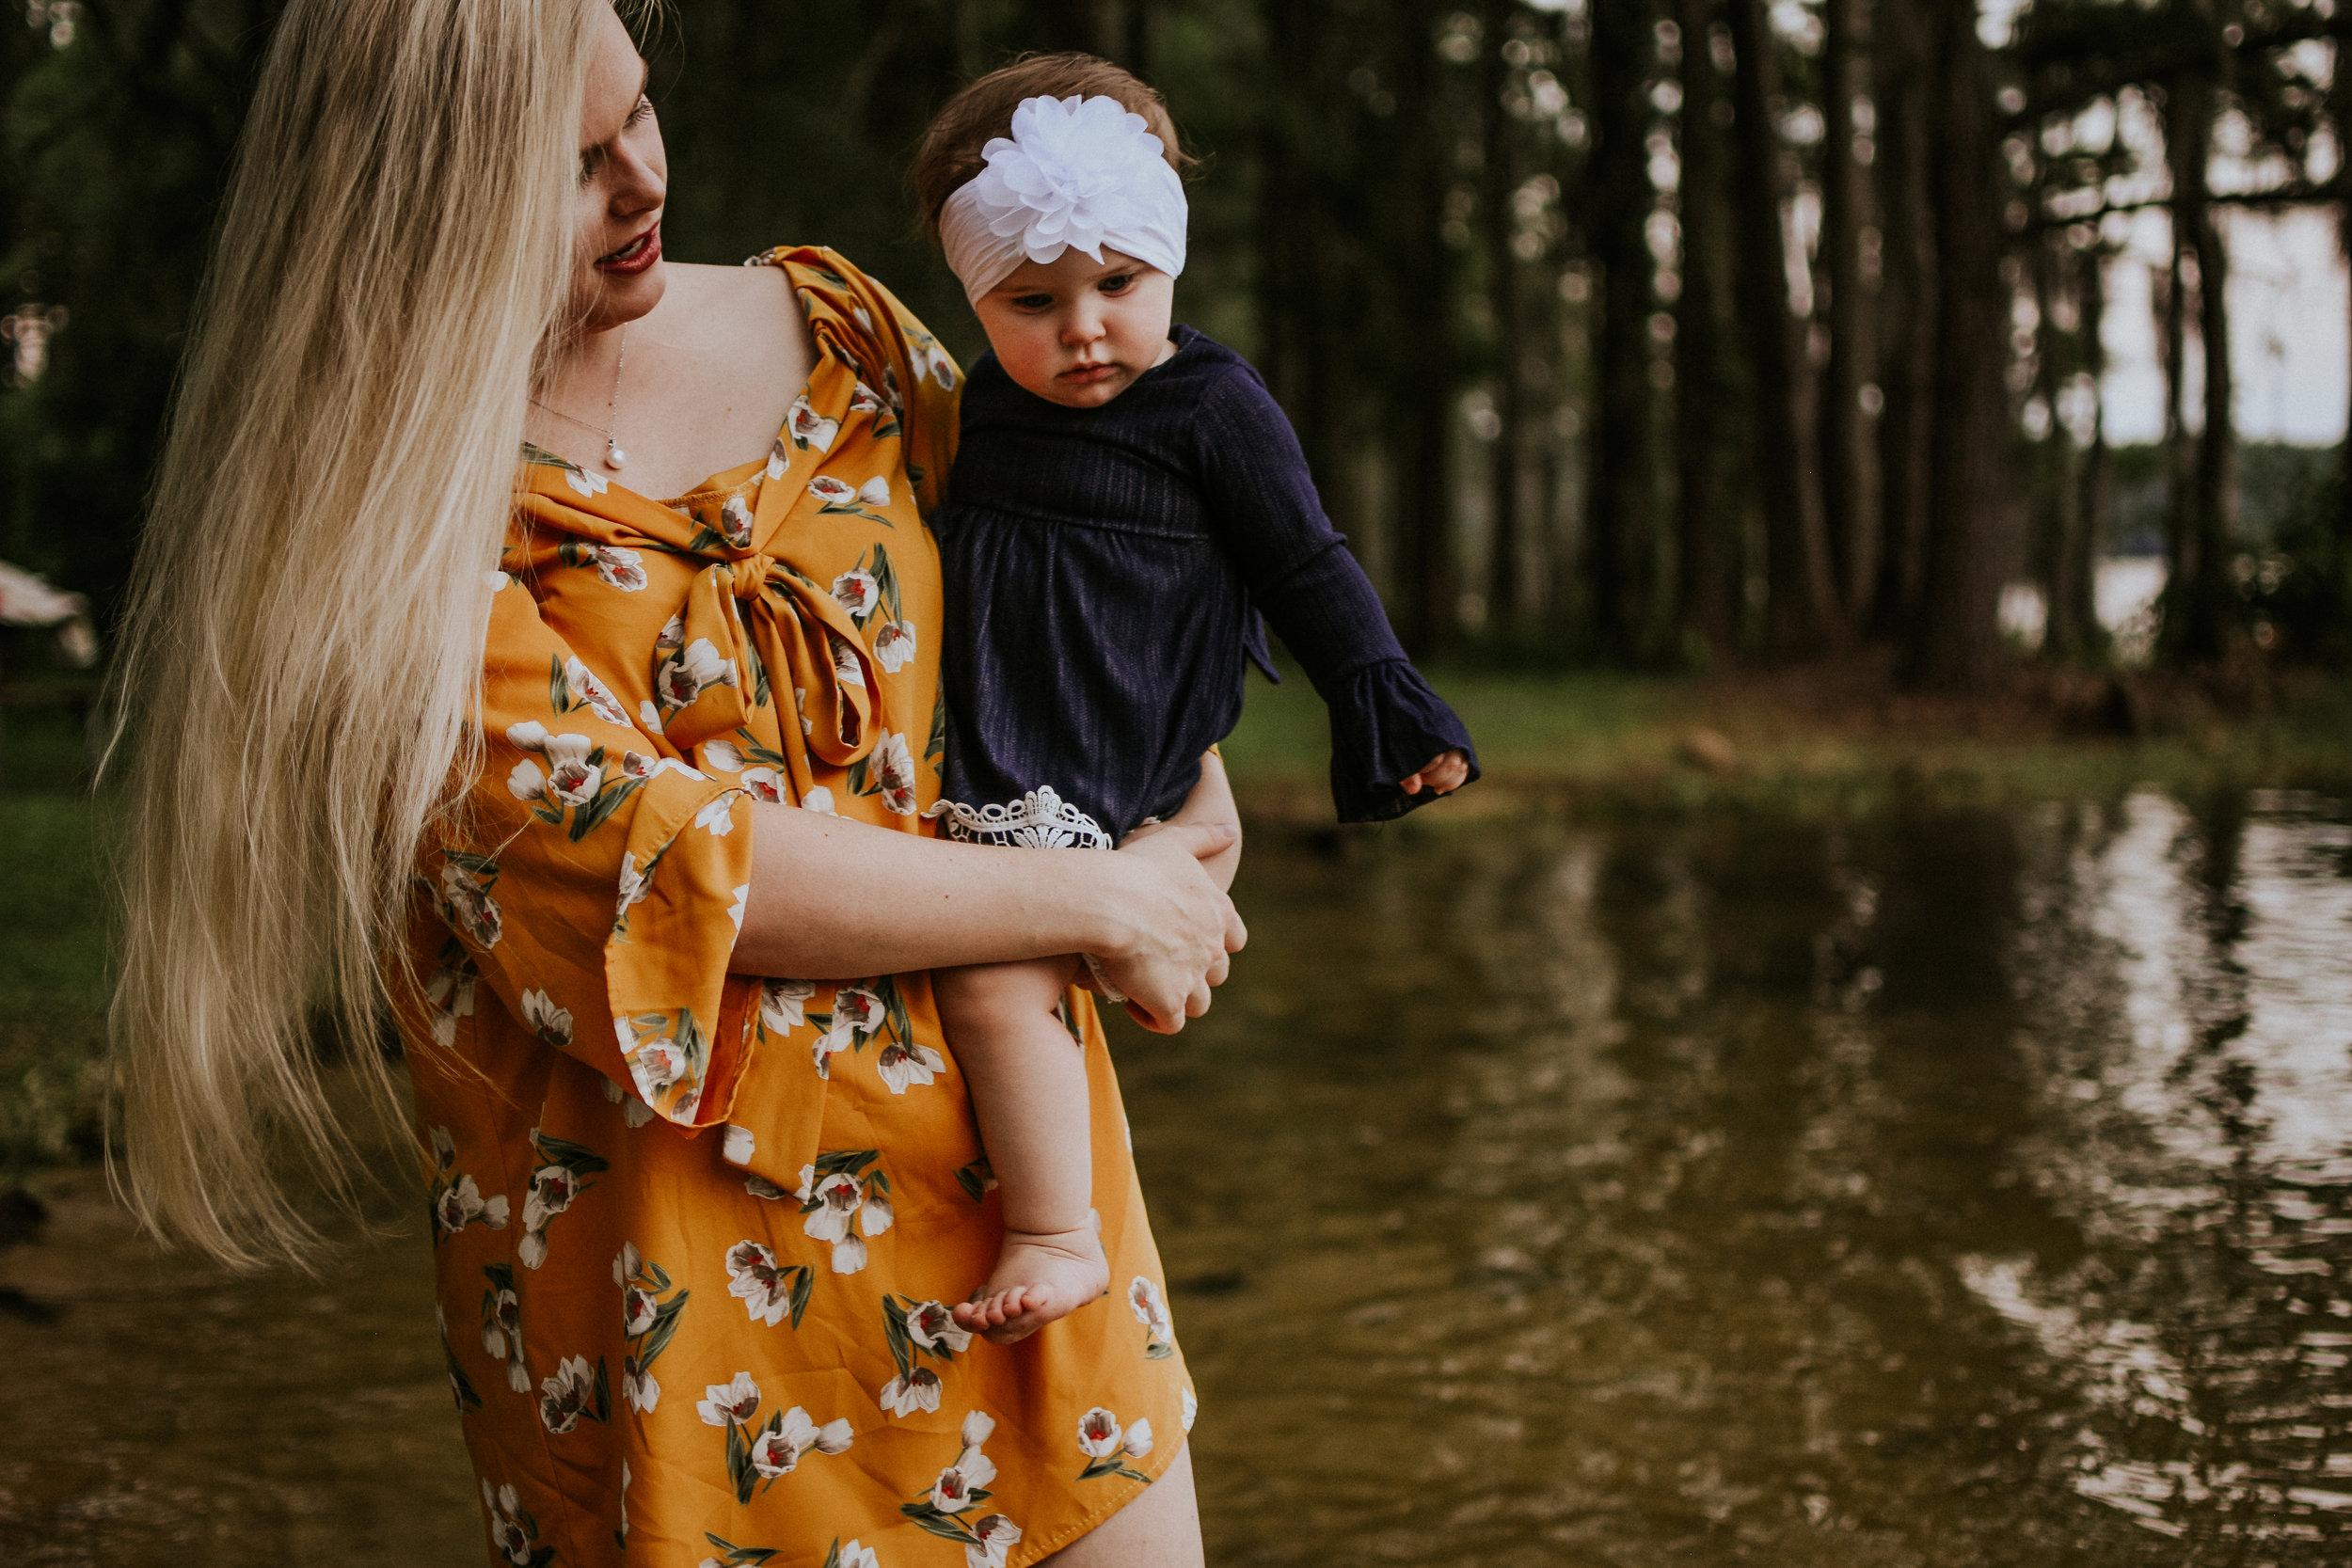 CrestviewFloridaLifestylePhotographer-MommyandMeSession-LakeJackson-FloralaAlabama-28.jpg